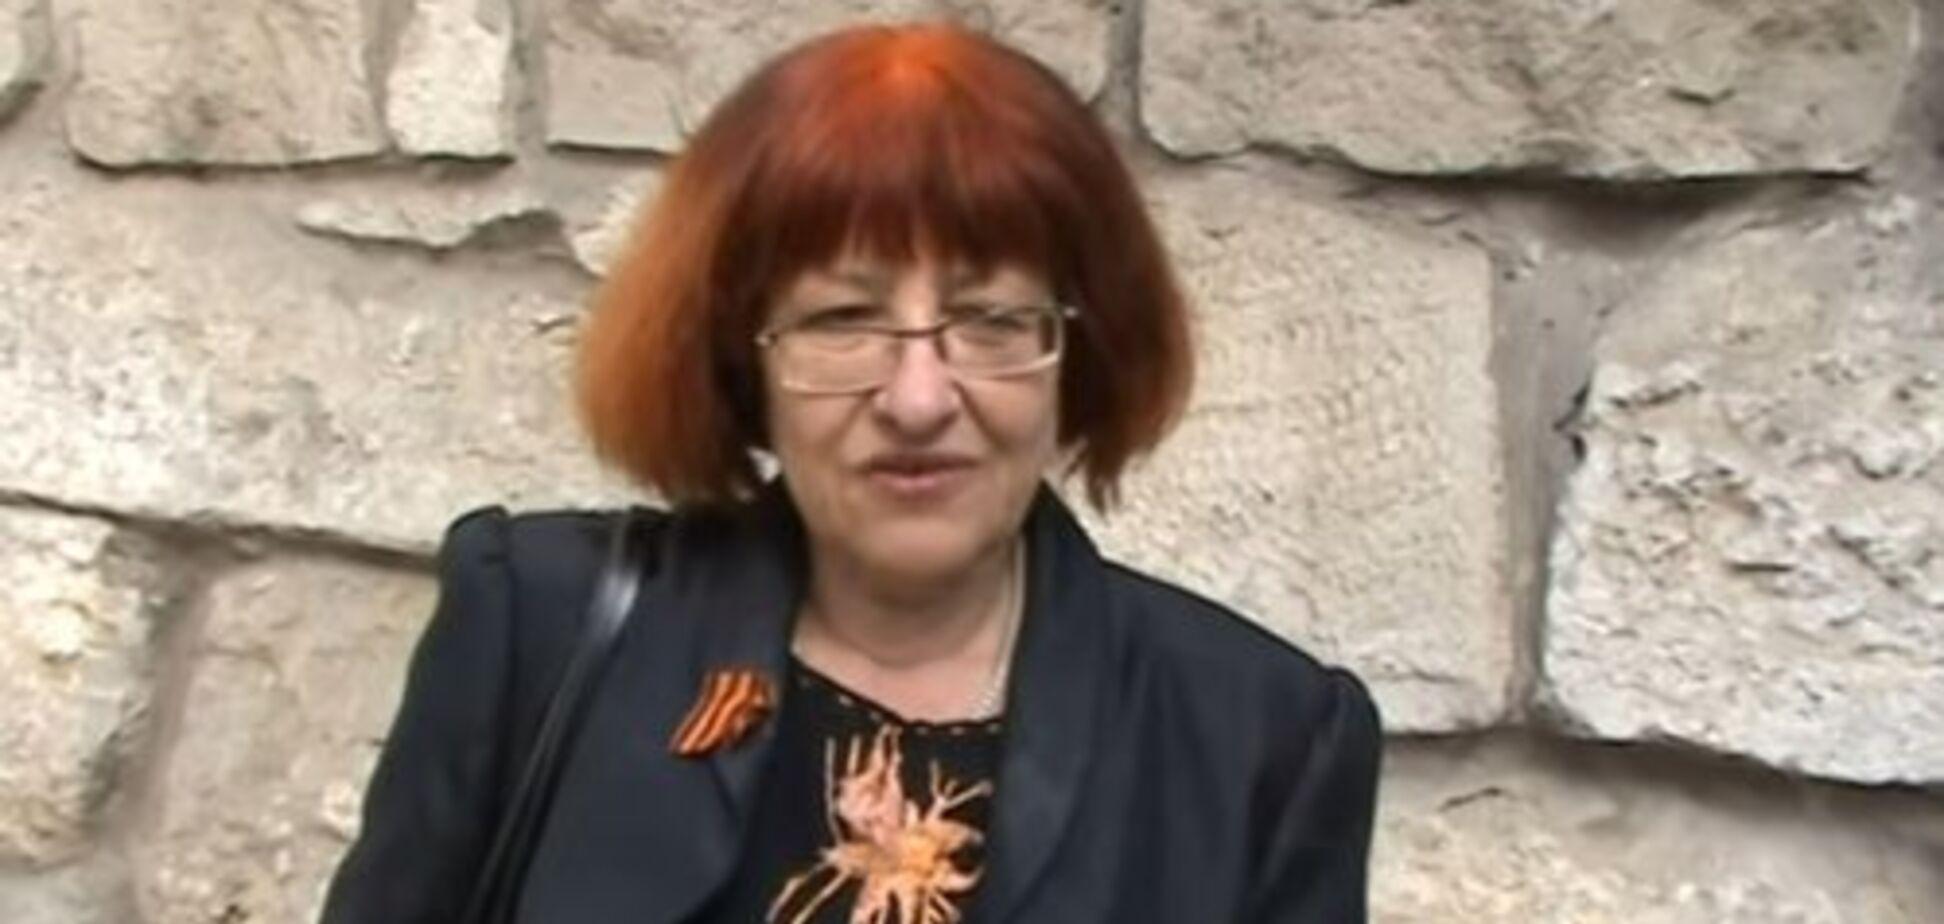 ''Відвезли до ФСБ'': в Росії зникла львівська журналістка, яка зрадила Україну